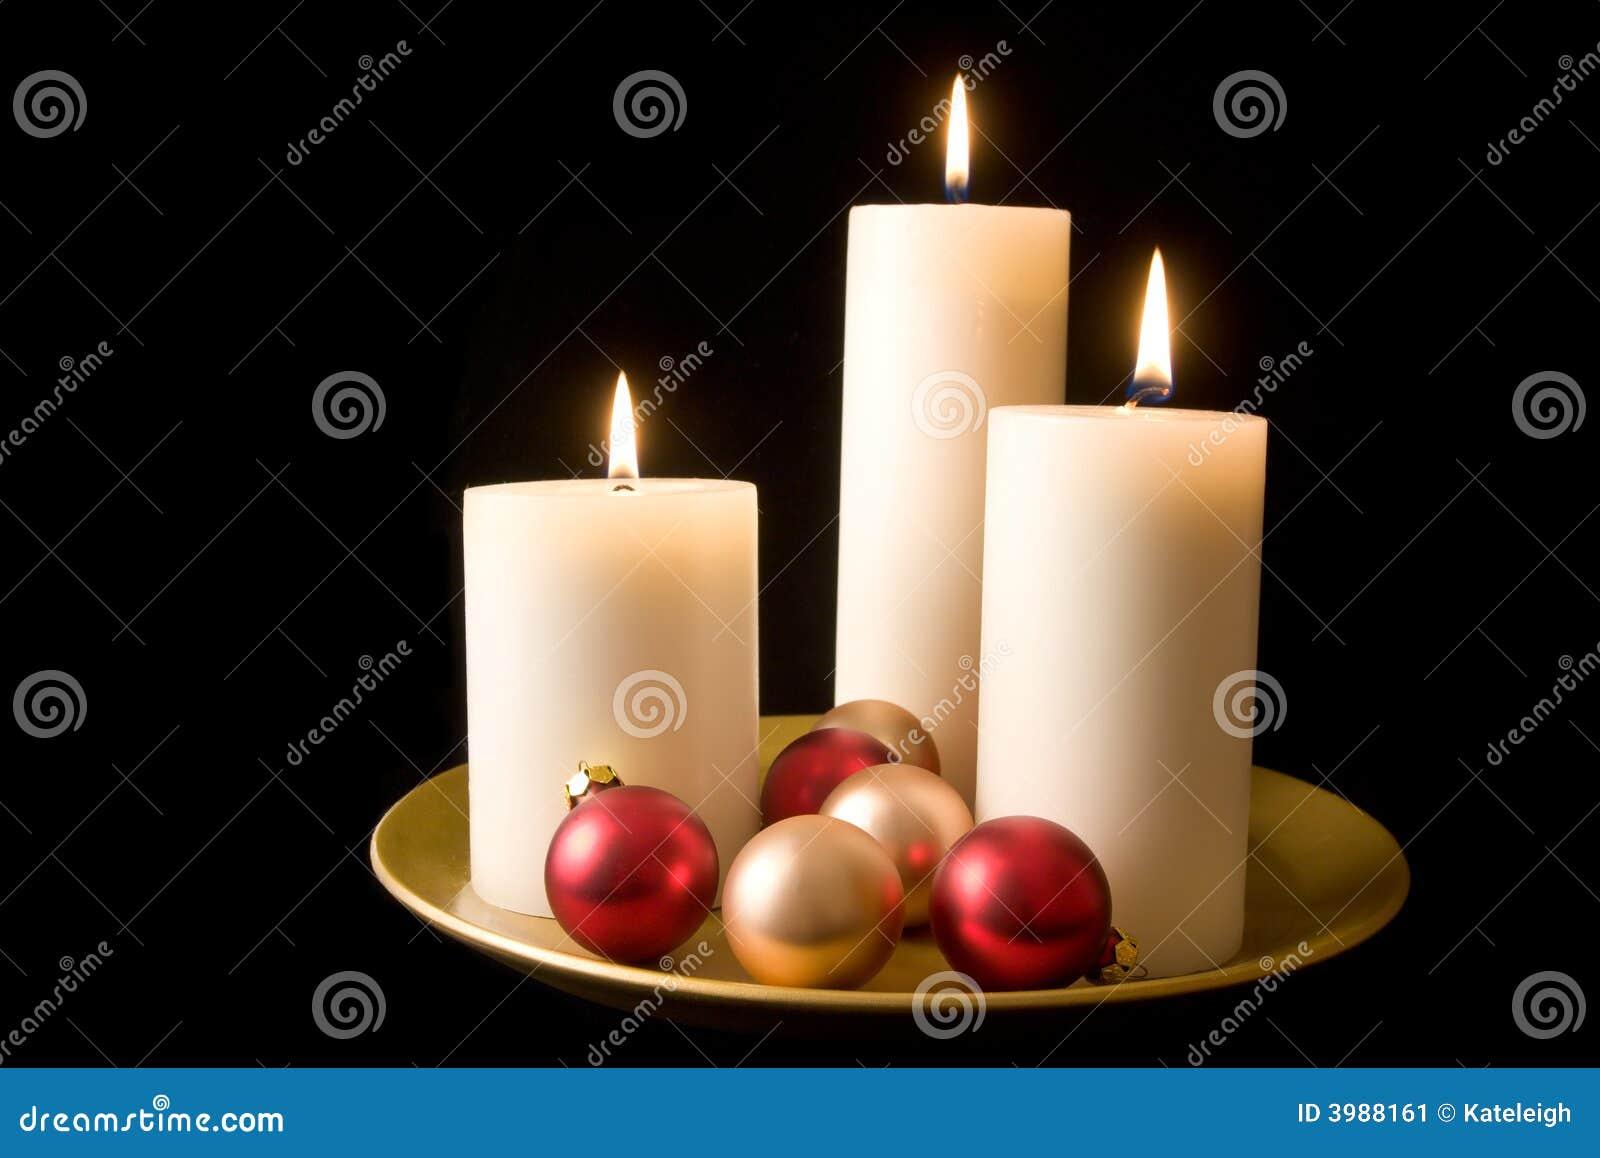 διακοσμητική παρουσίαση κεριών